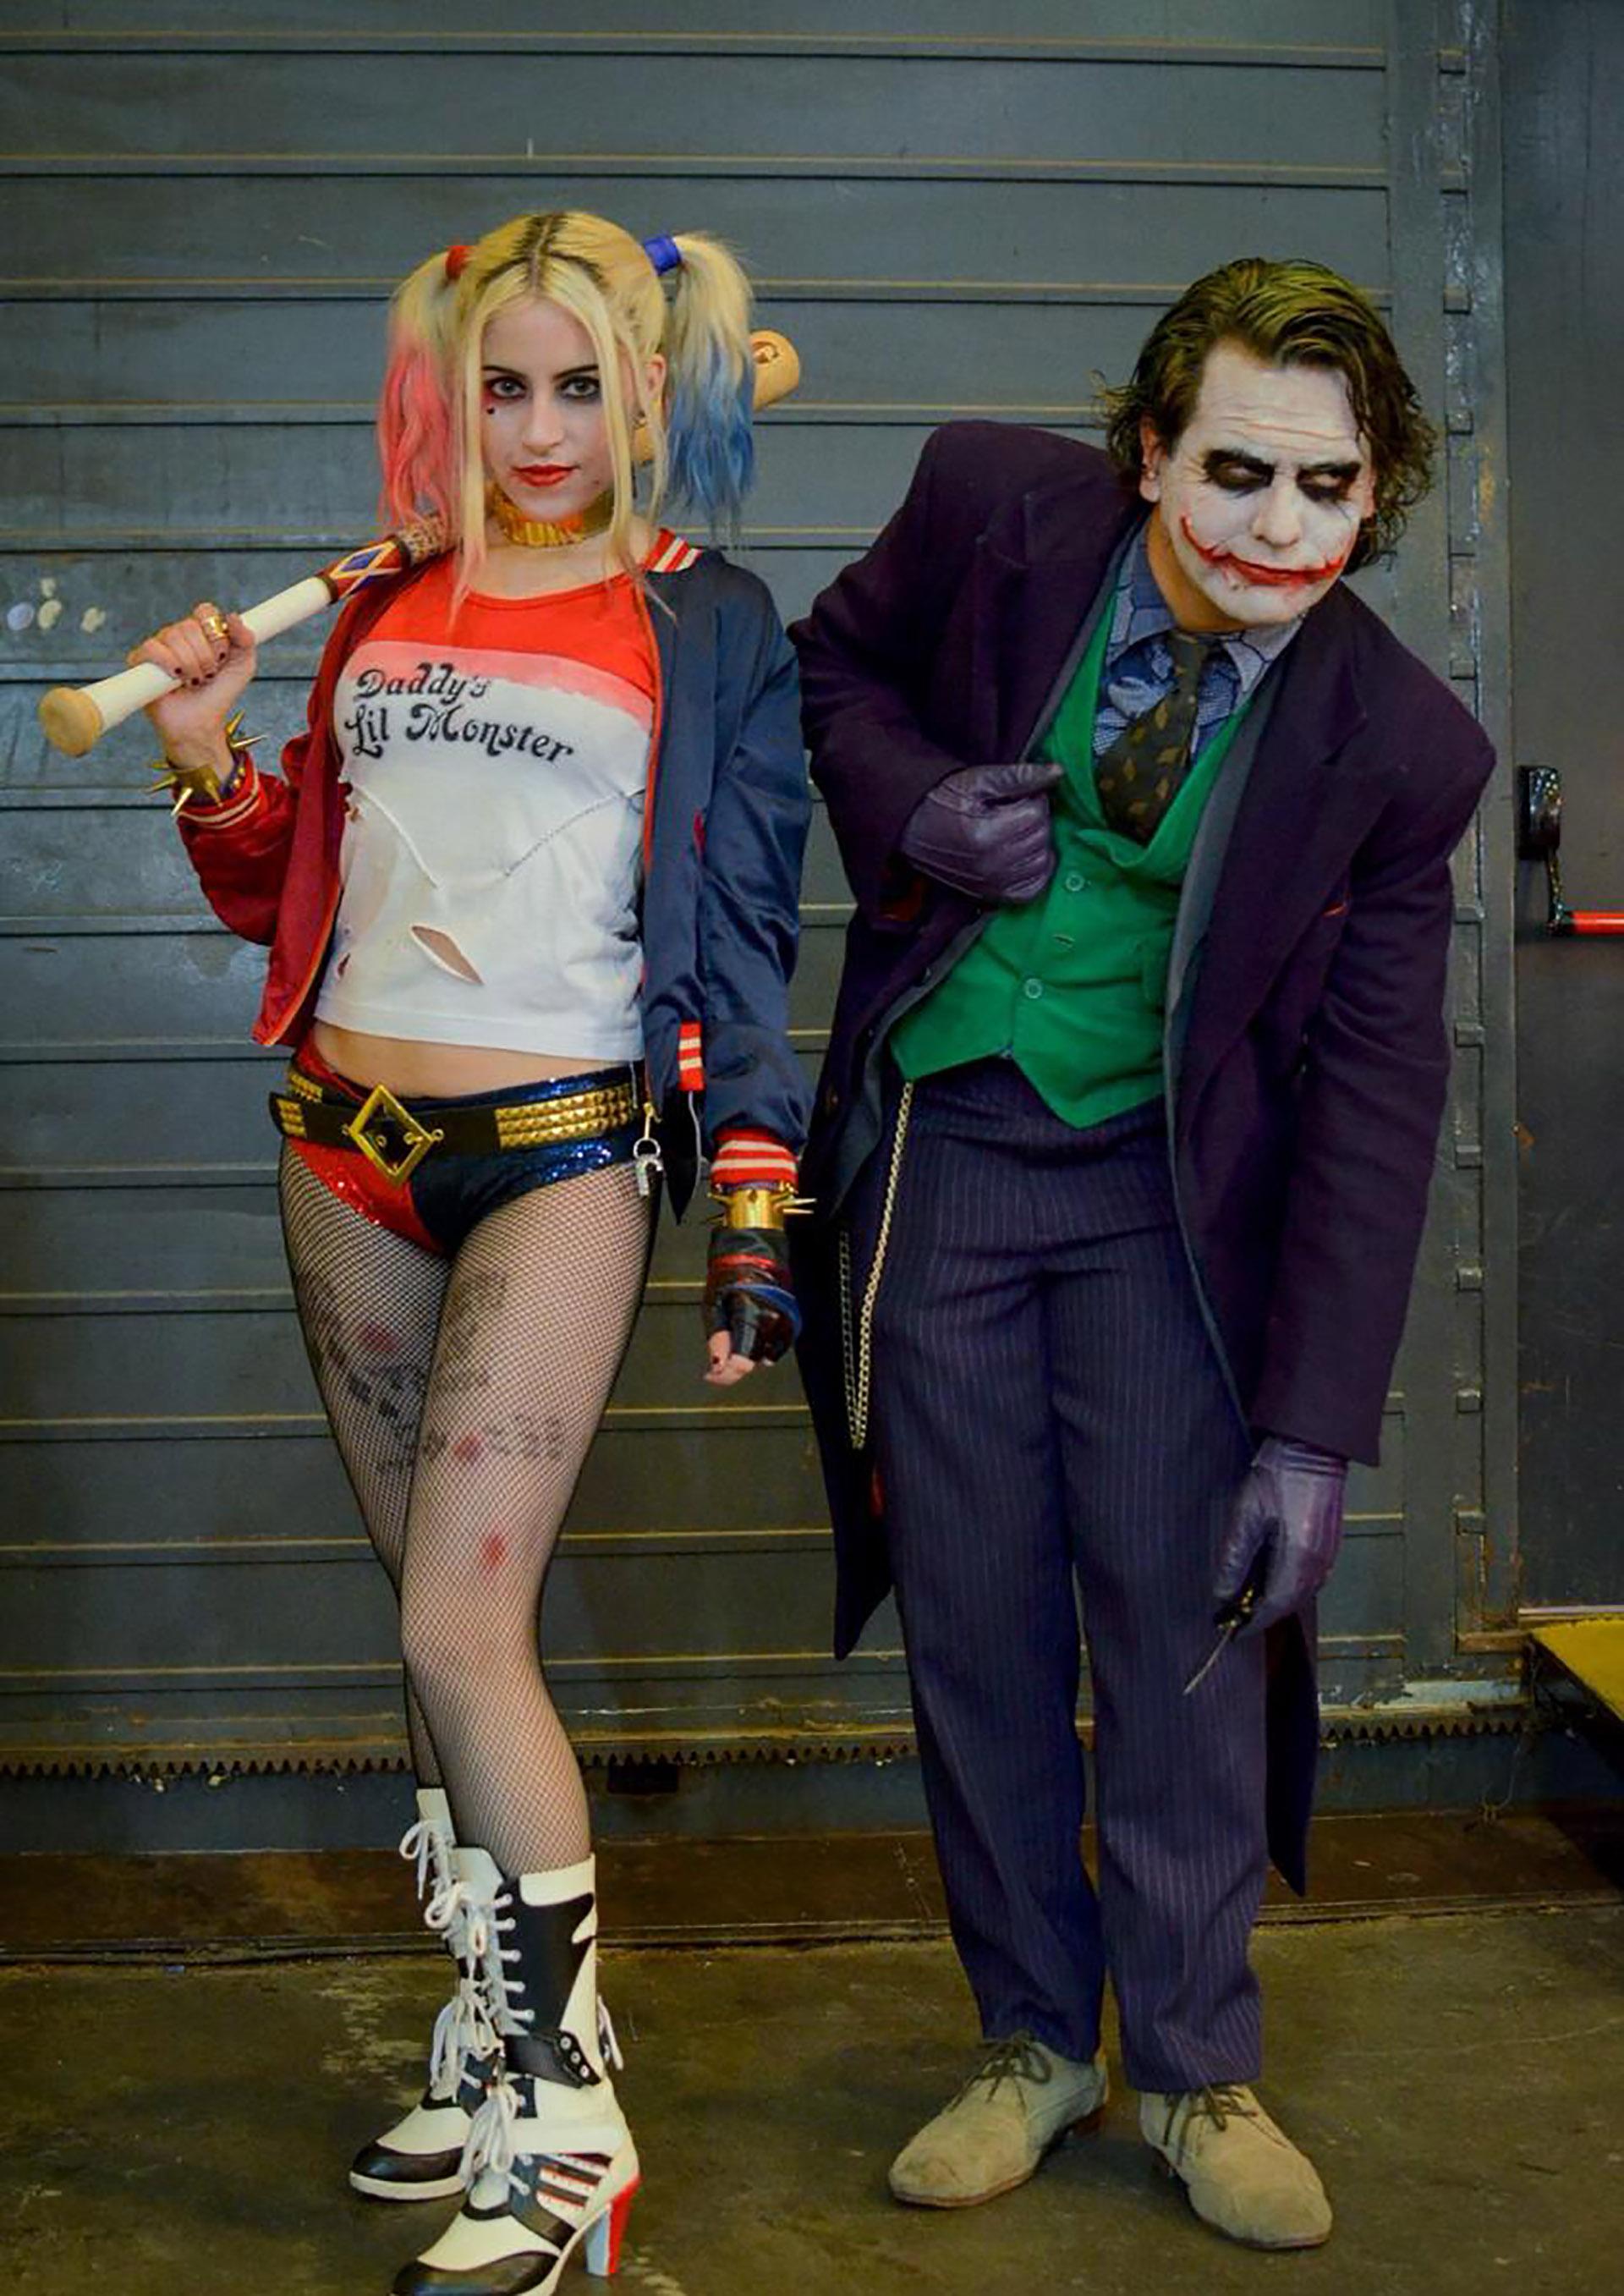 Jessica con su esposo Leandro. Comparten lapasión por el cosplay (ONB)